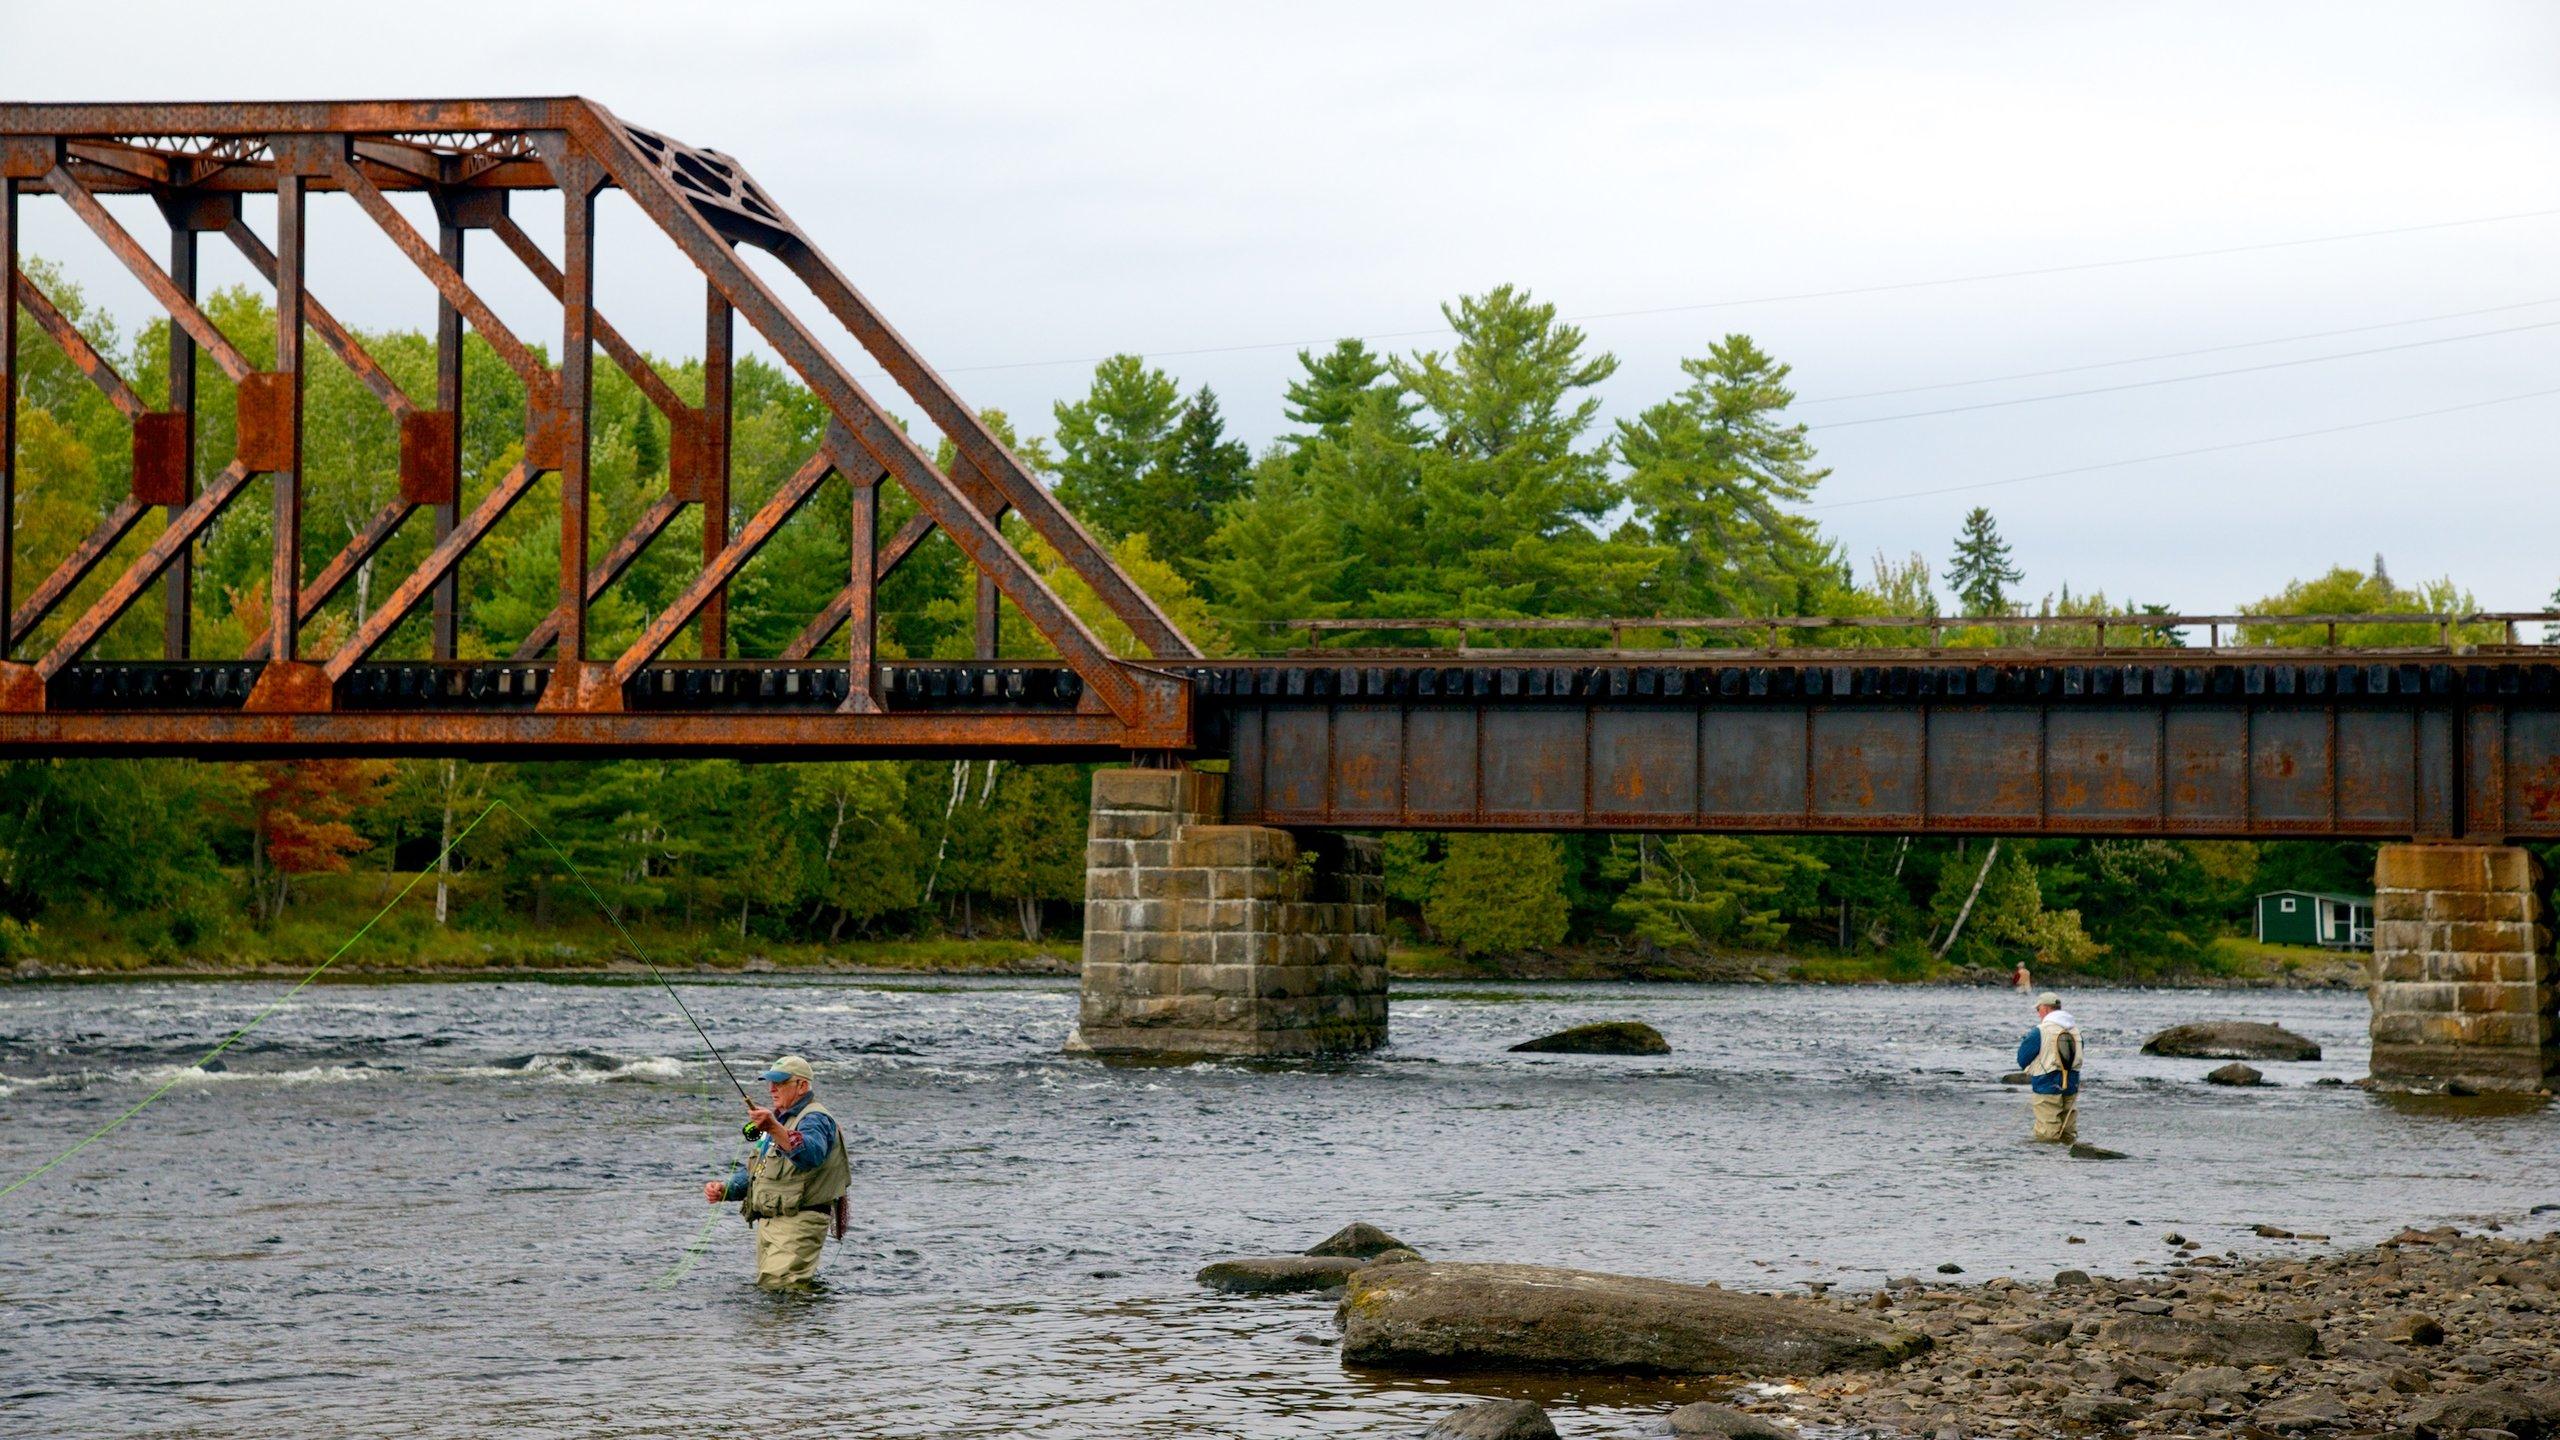 Northwest Piscataquis, Maine, United States of America